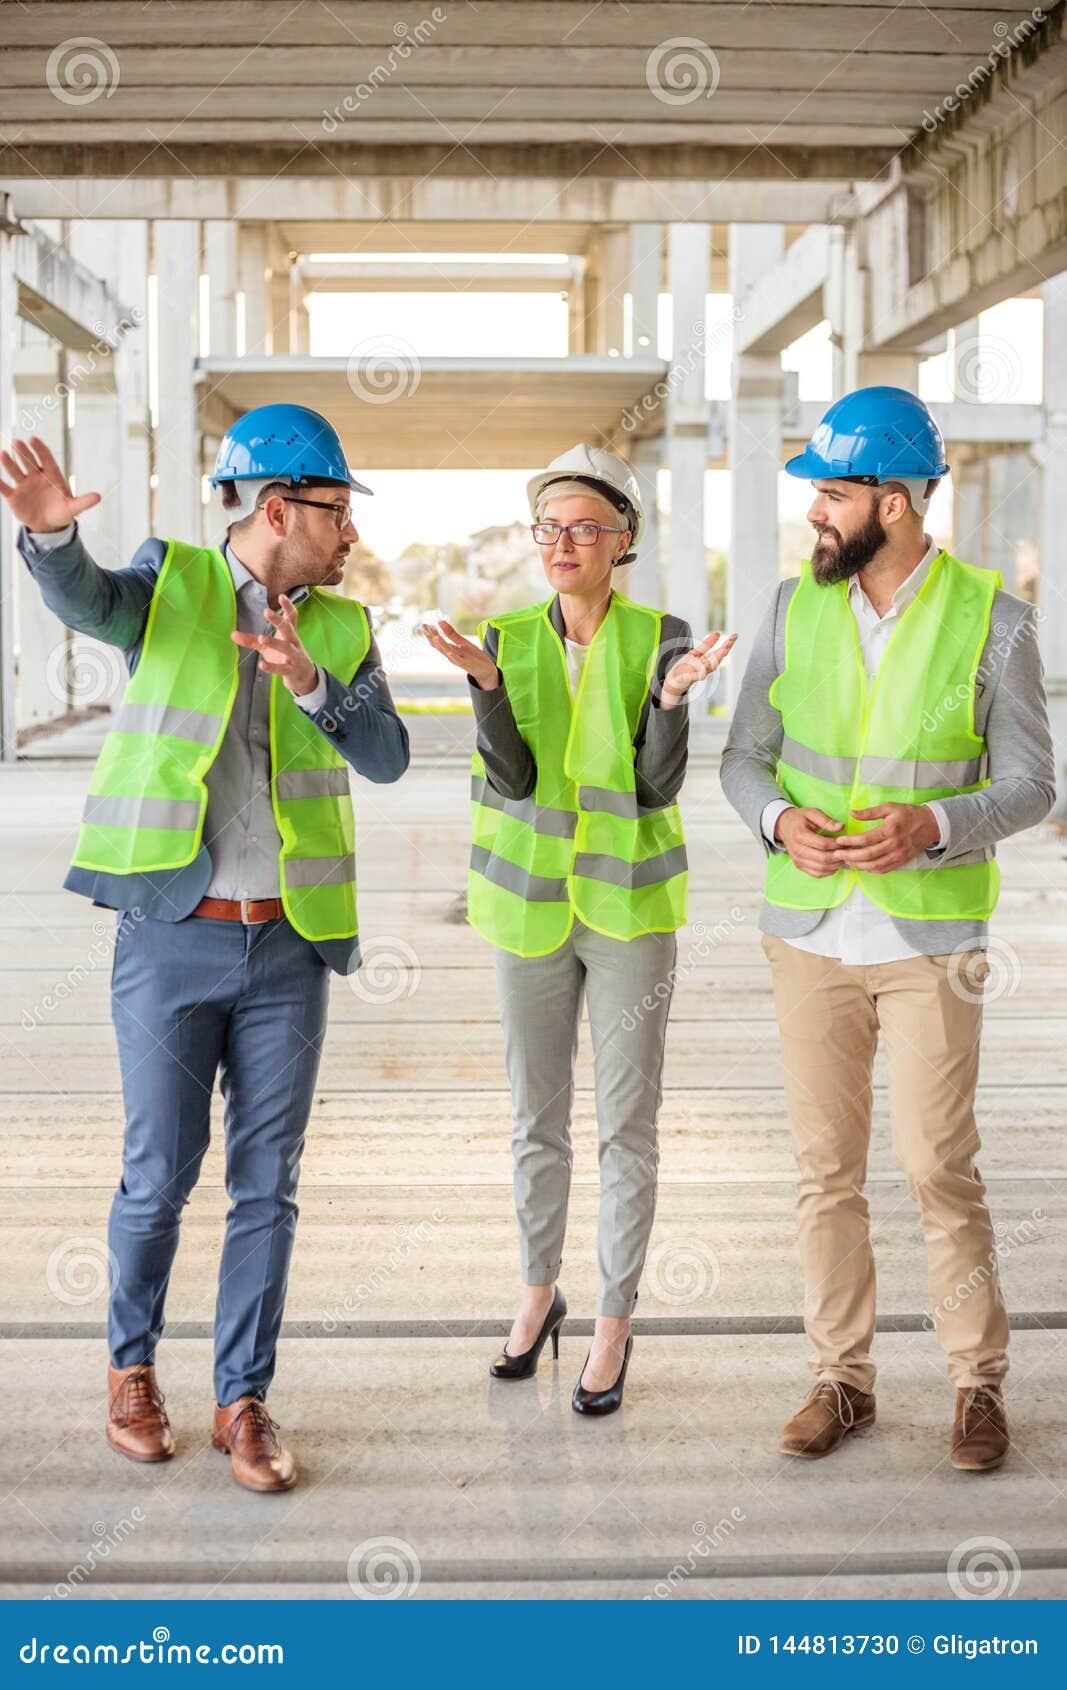 Team von erfolgreichen Architekten und von Teilhabern, die einen Ausflug der Baustelle nehmen